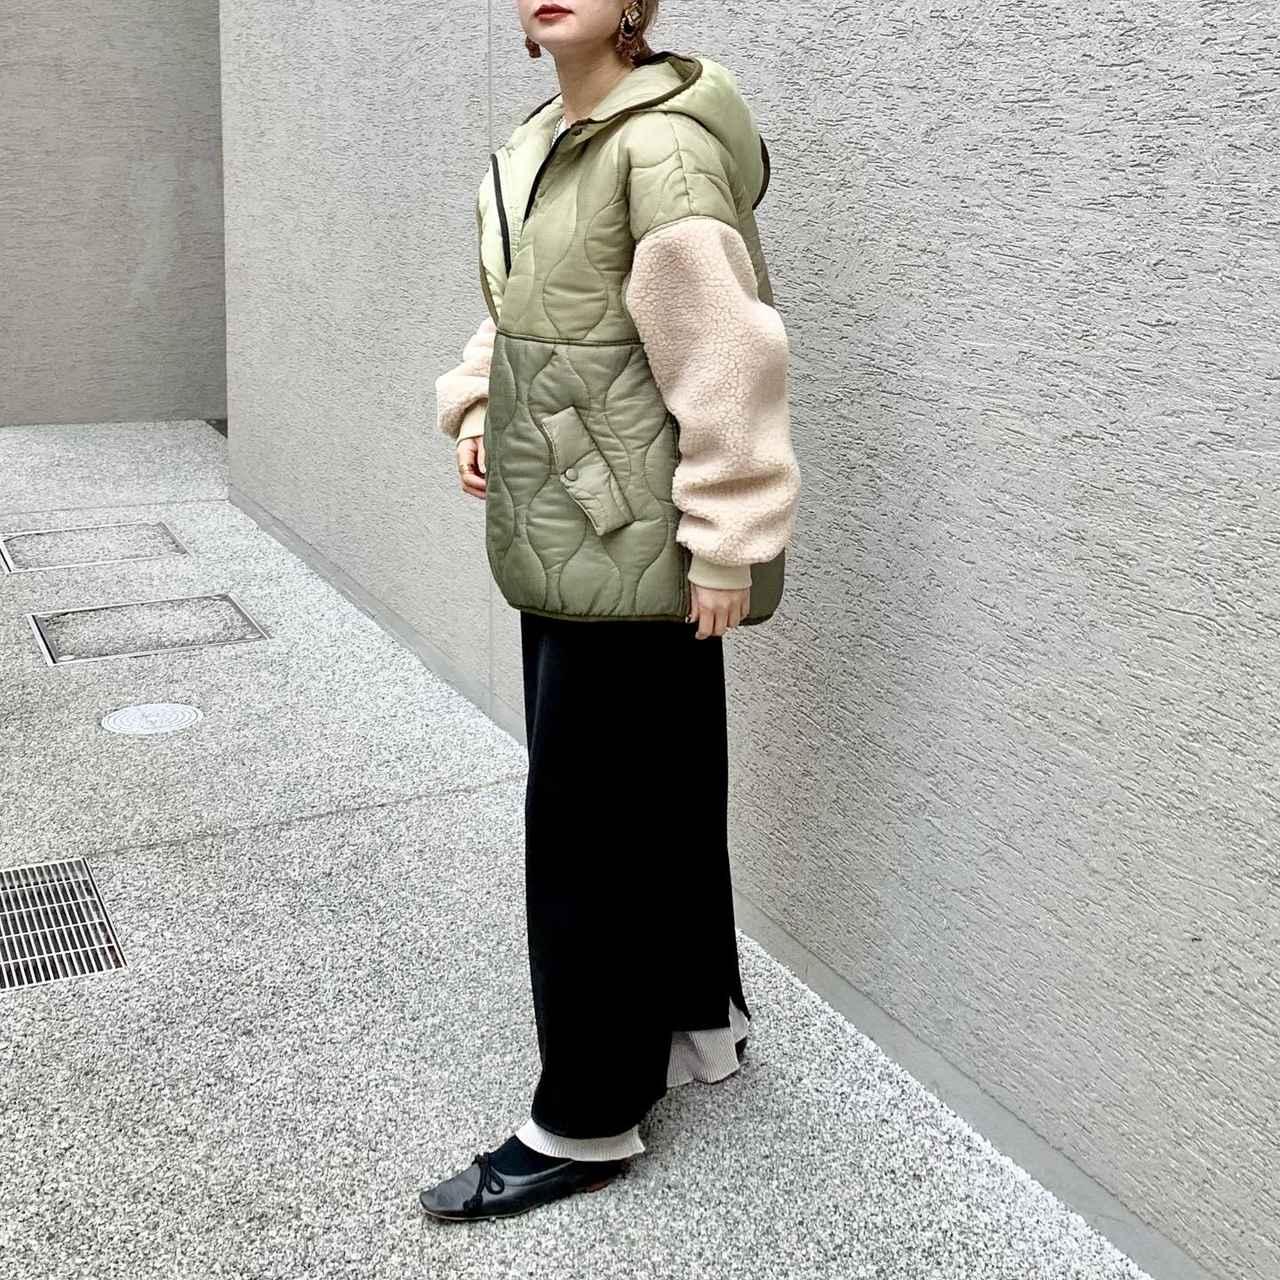 画像2: 【冬はマスト!】 ショート丈のキルティングアウターの着こなし★